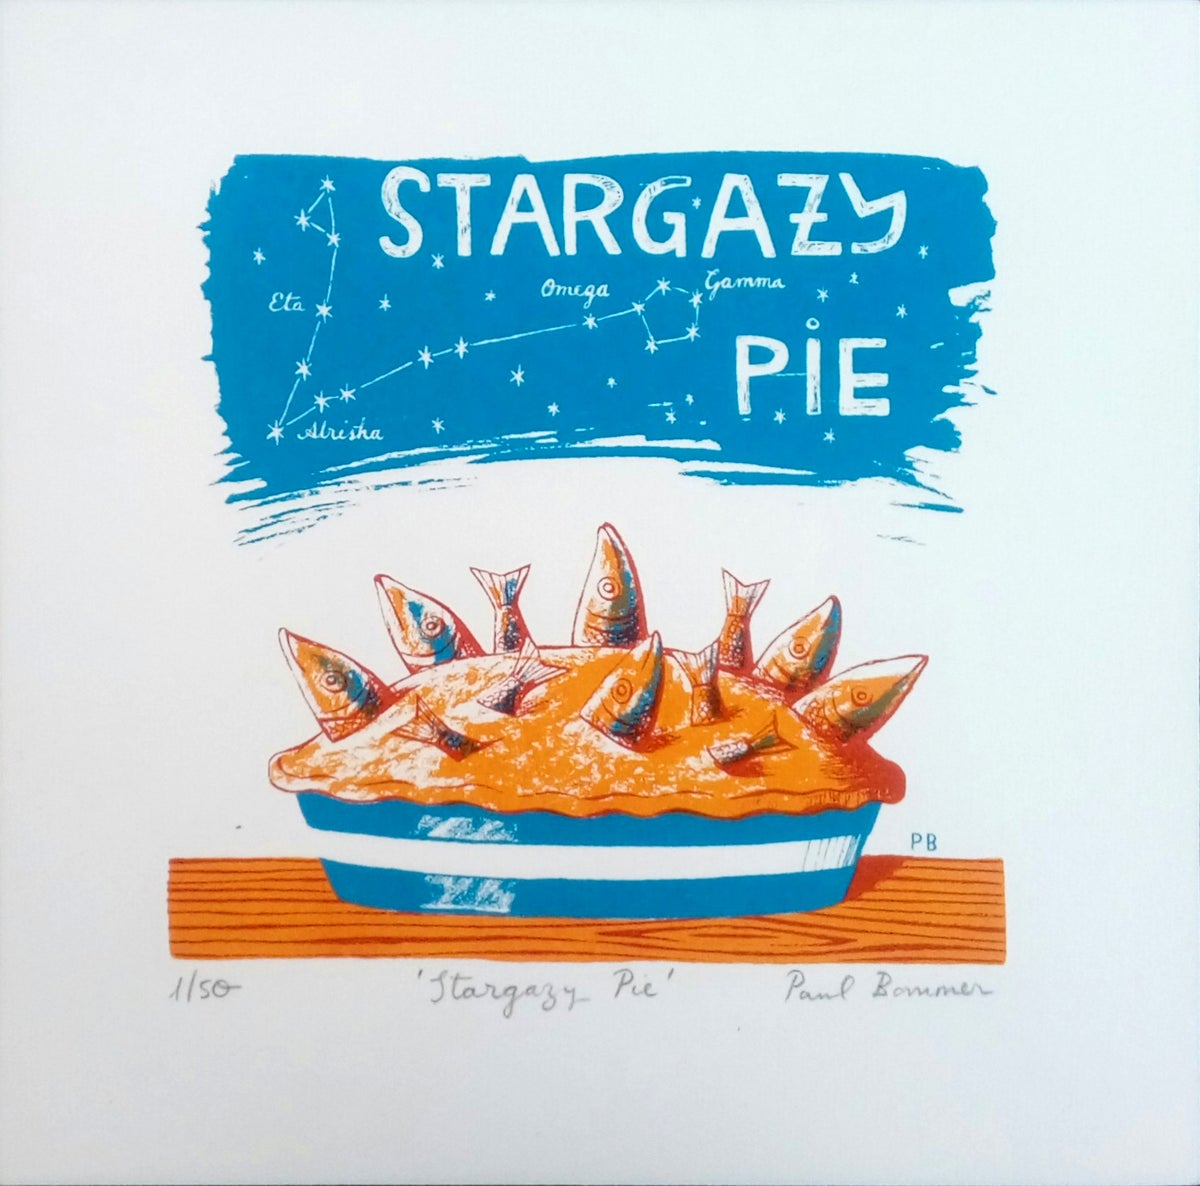 Paul Bommer Stargazy Pie